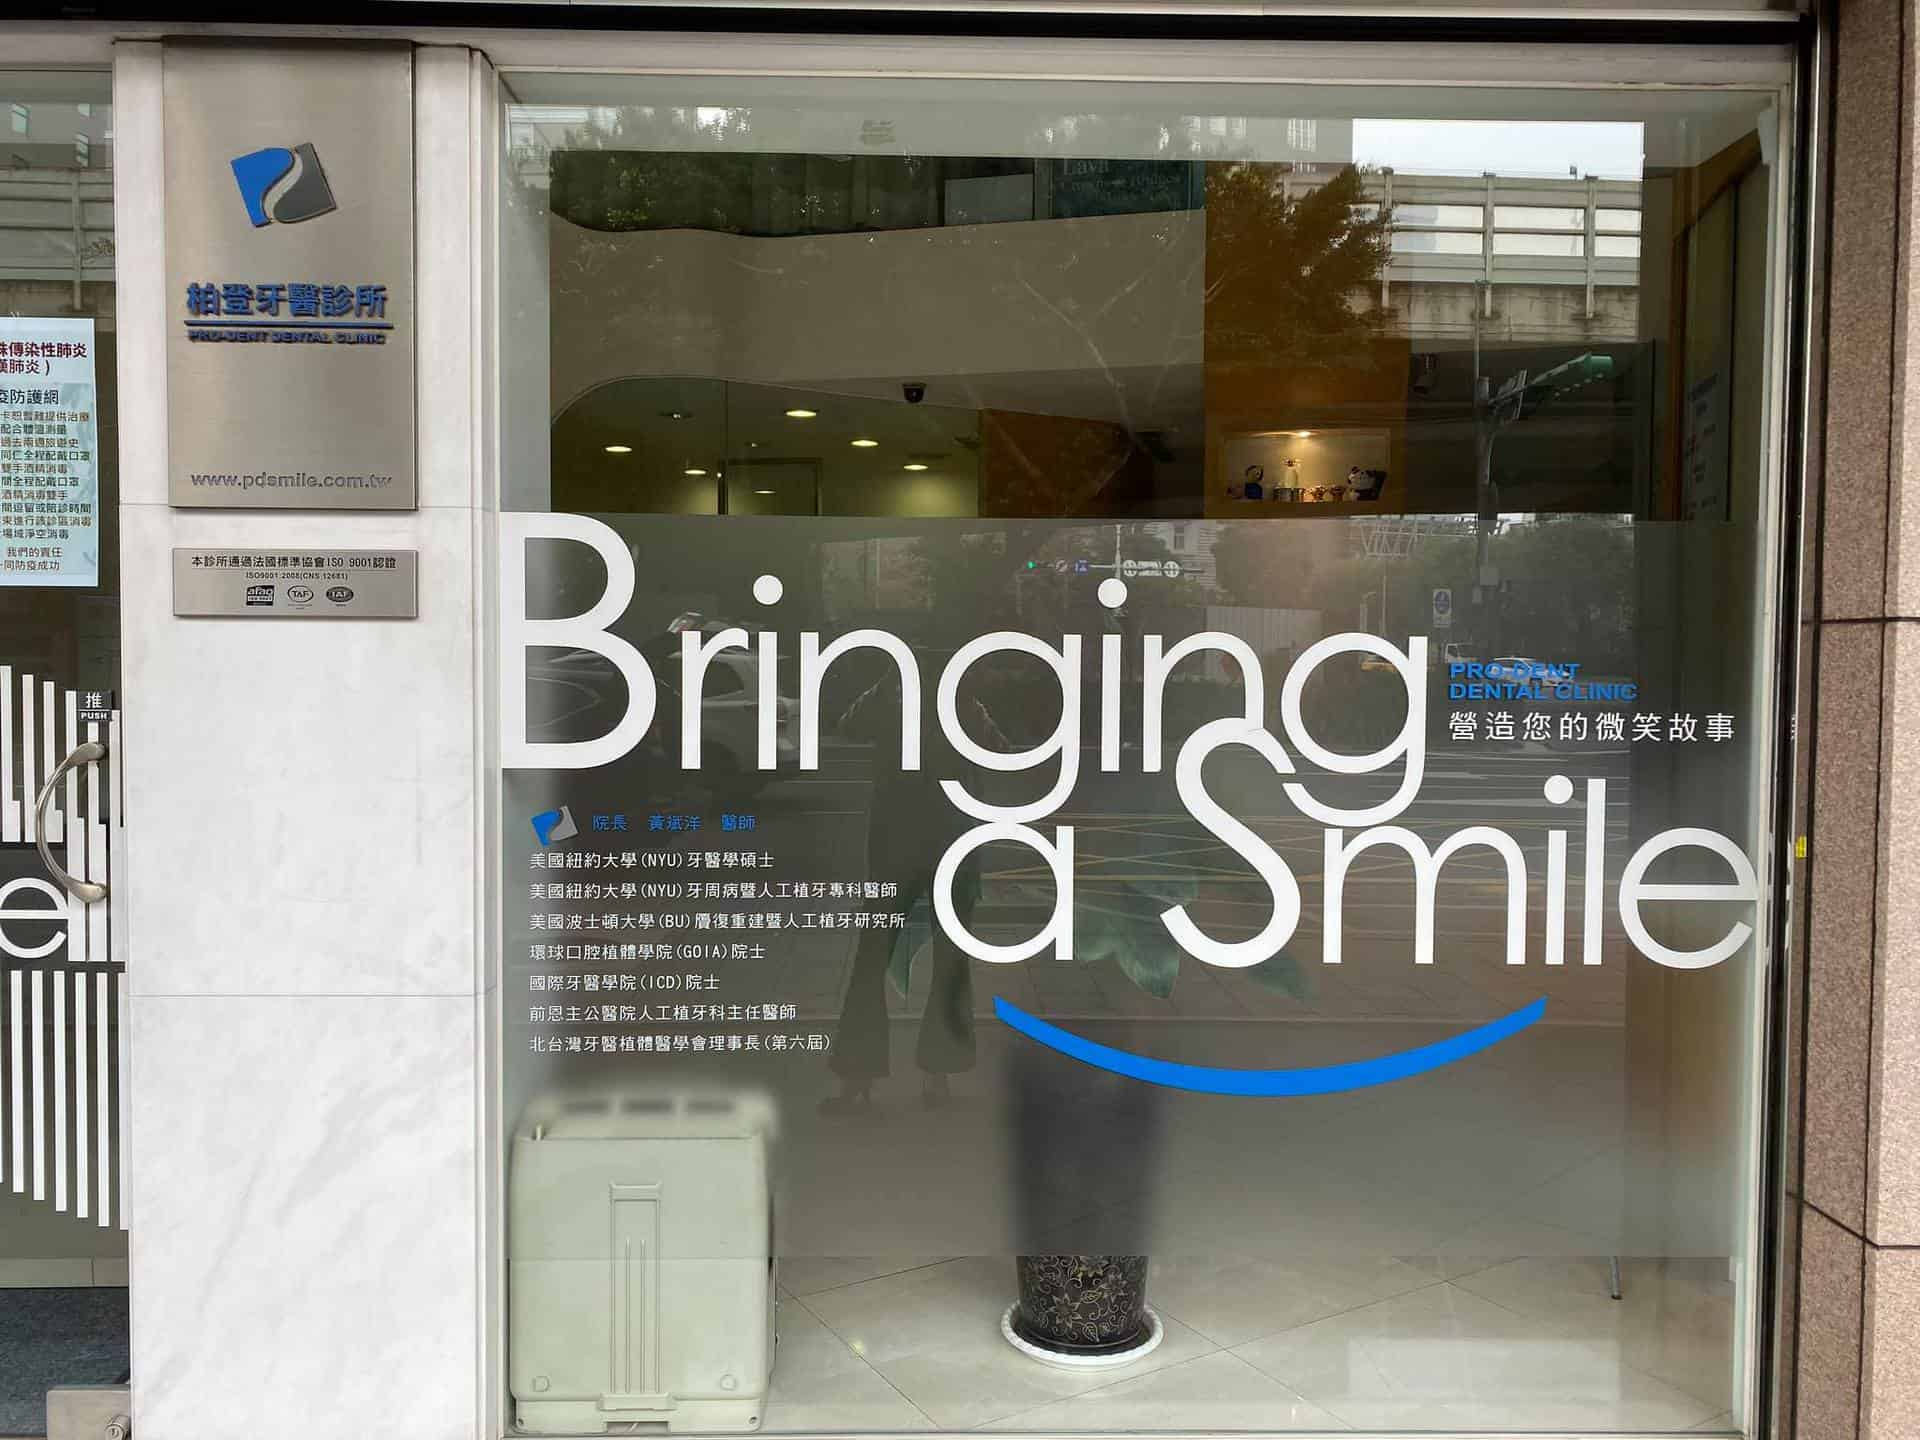 柏登牙醫陪伴磊山佳蓉,讓她不再害怕植牙療程3